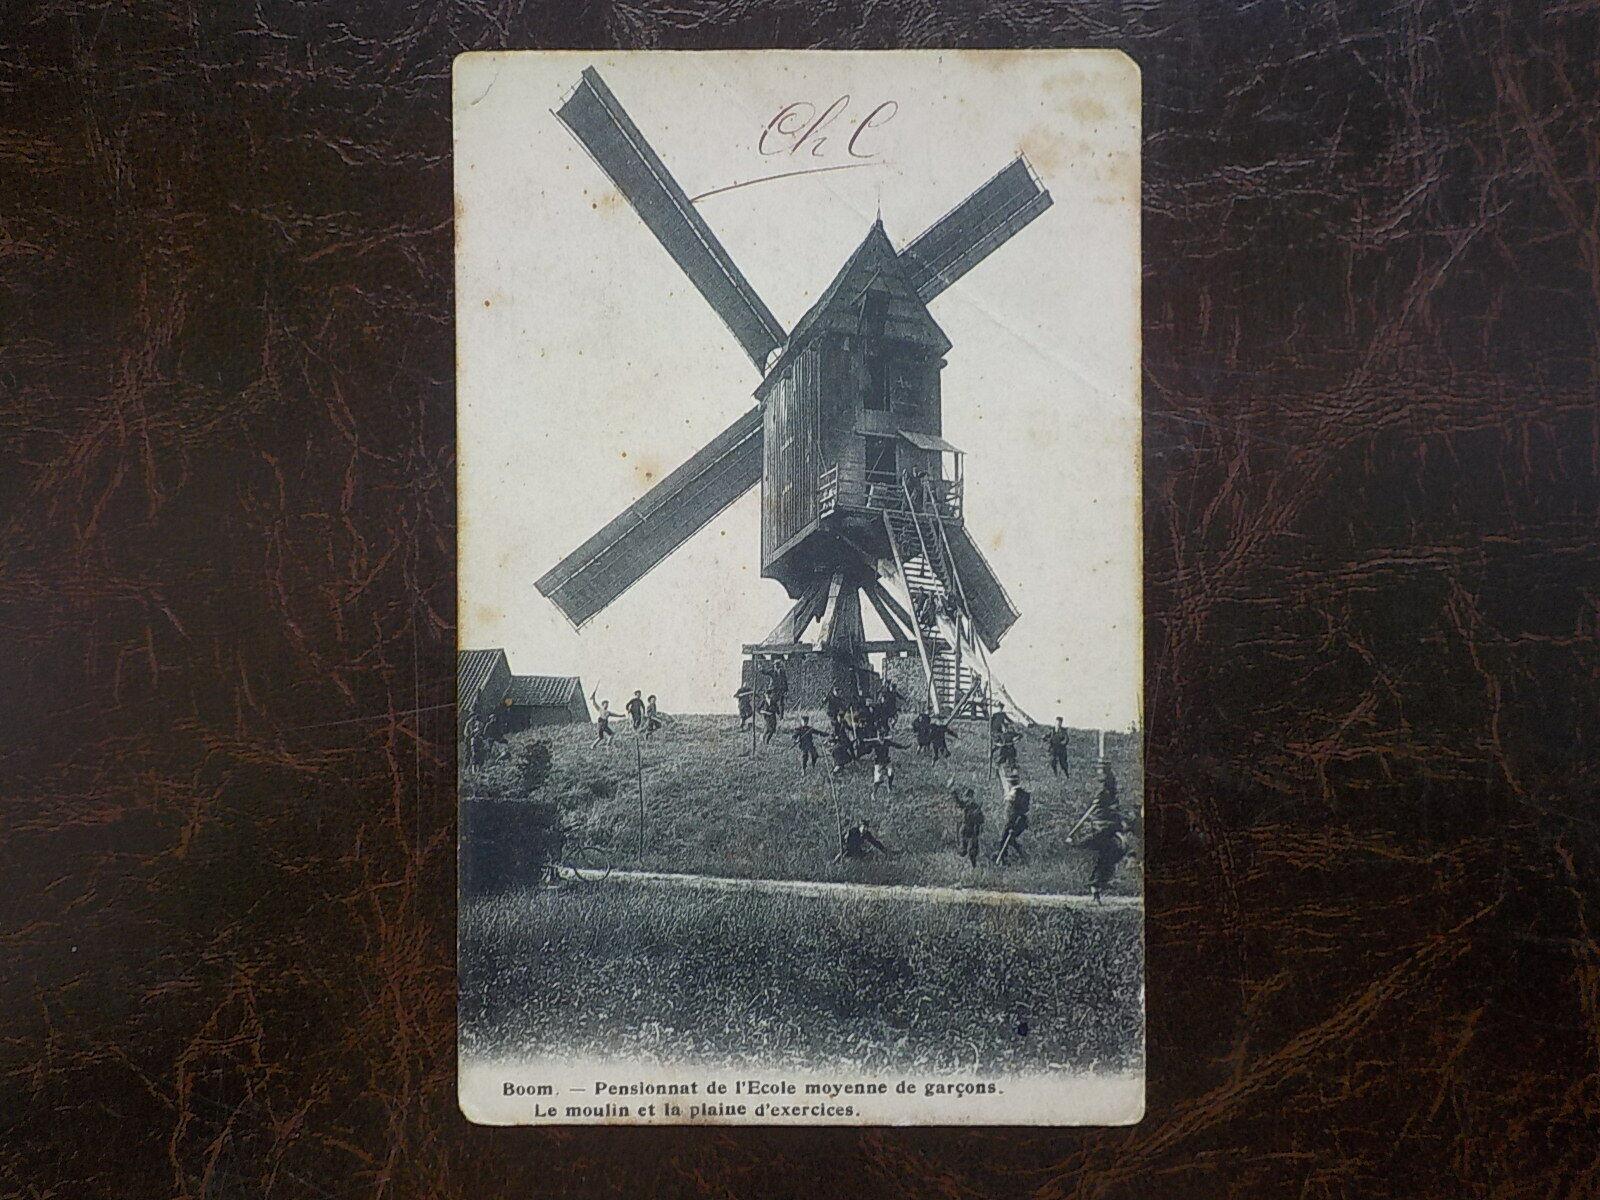 Boom     Le moulin et la plaine d'exercices